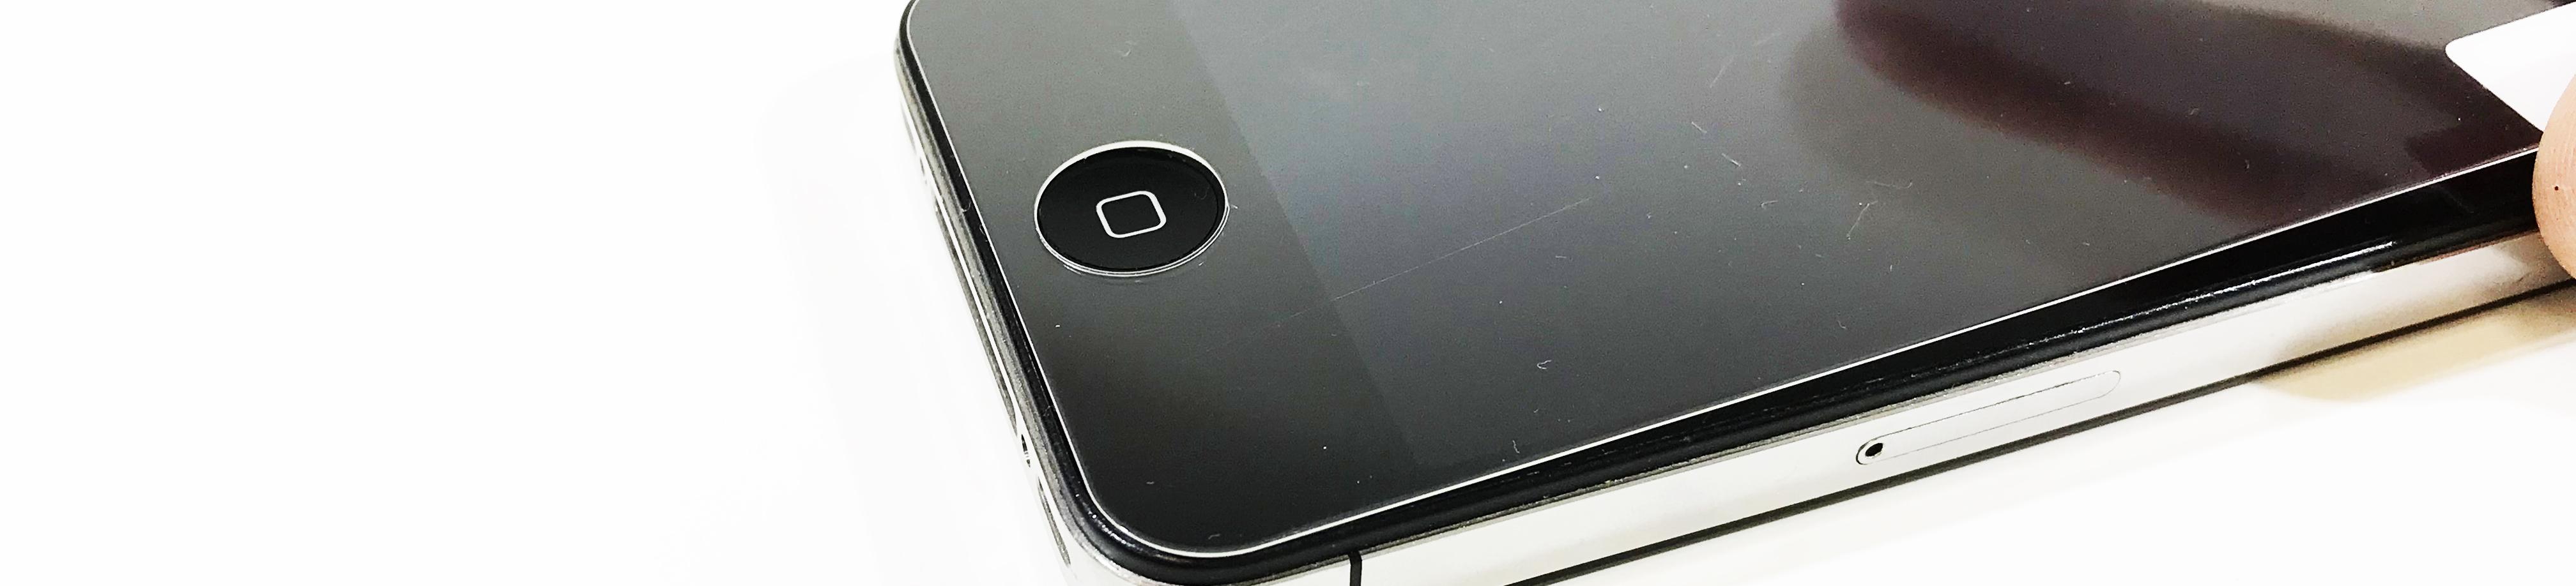 Tvrzené sklo na iPhone 4 4s - Tvrzenýsklo.cz 69807135e1b